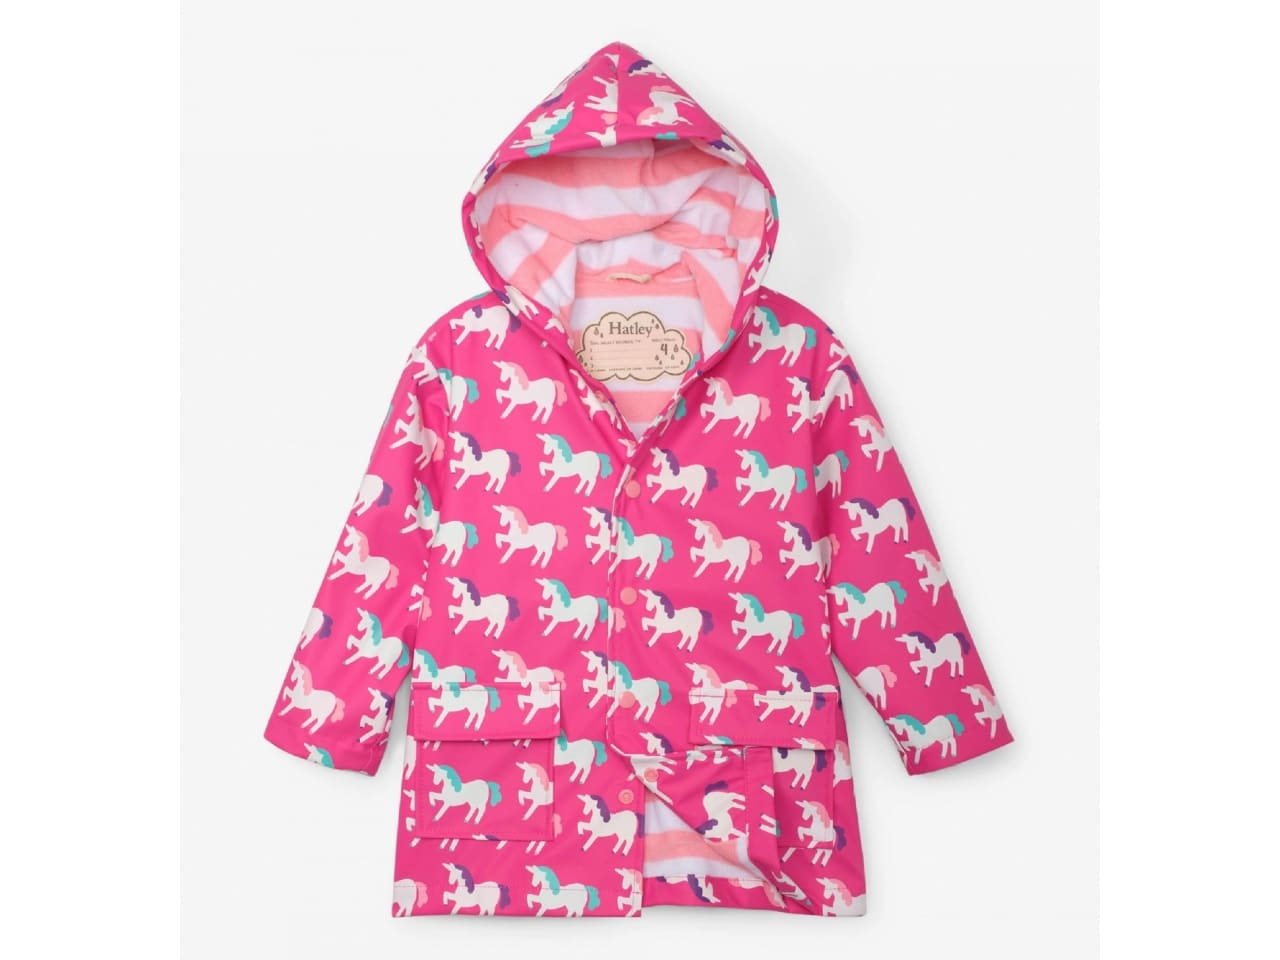 pink rain coat with unicorns